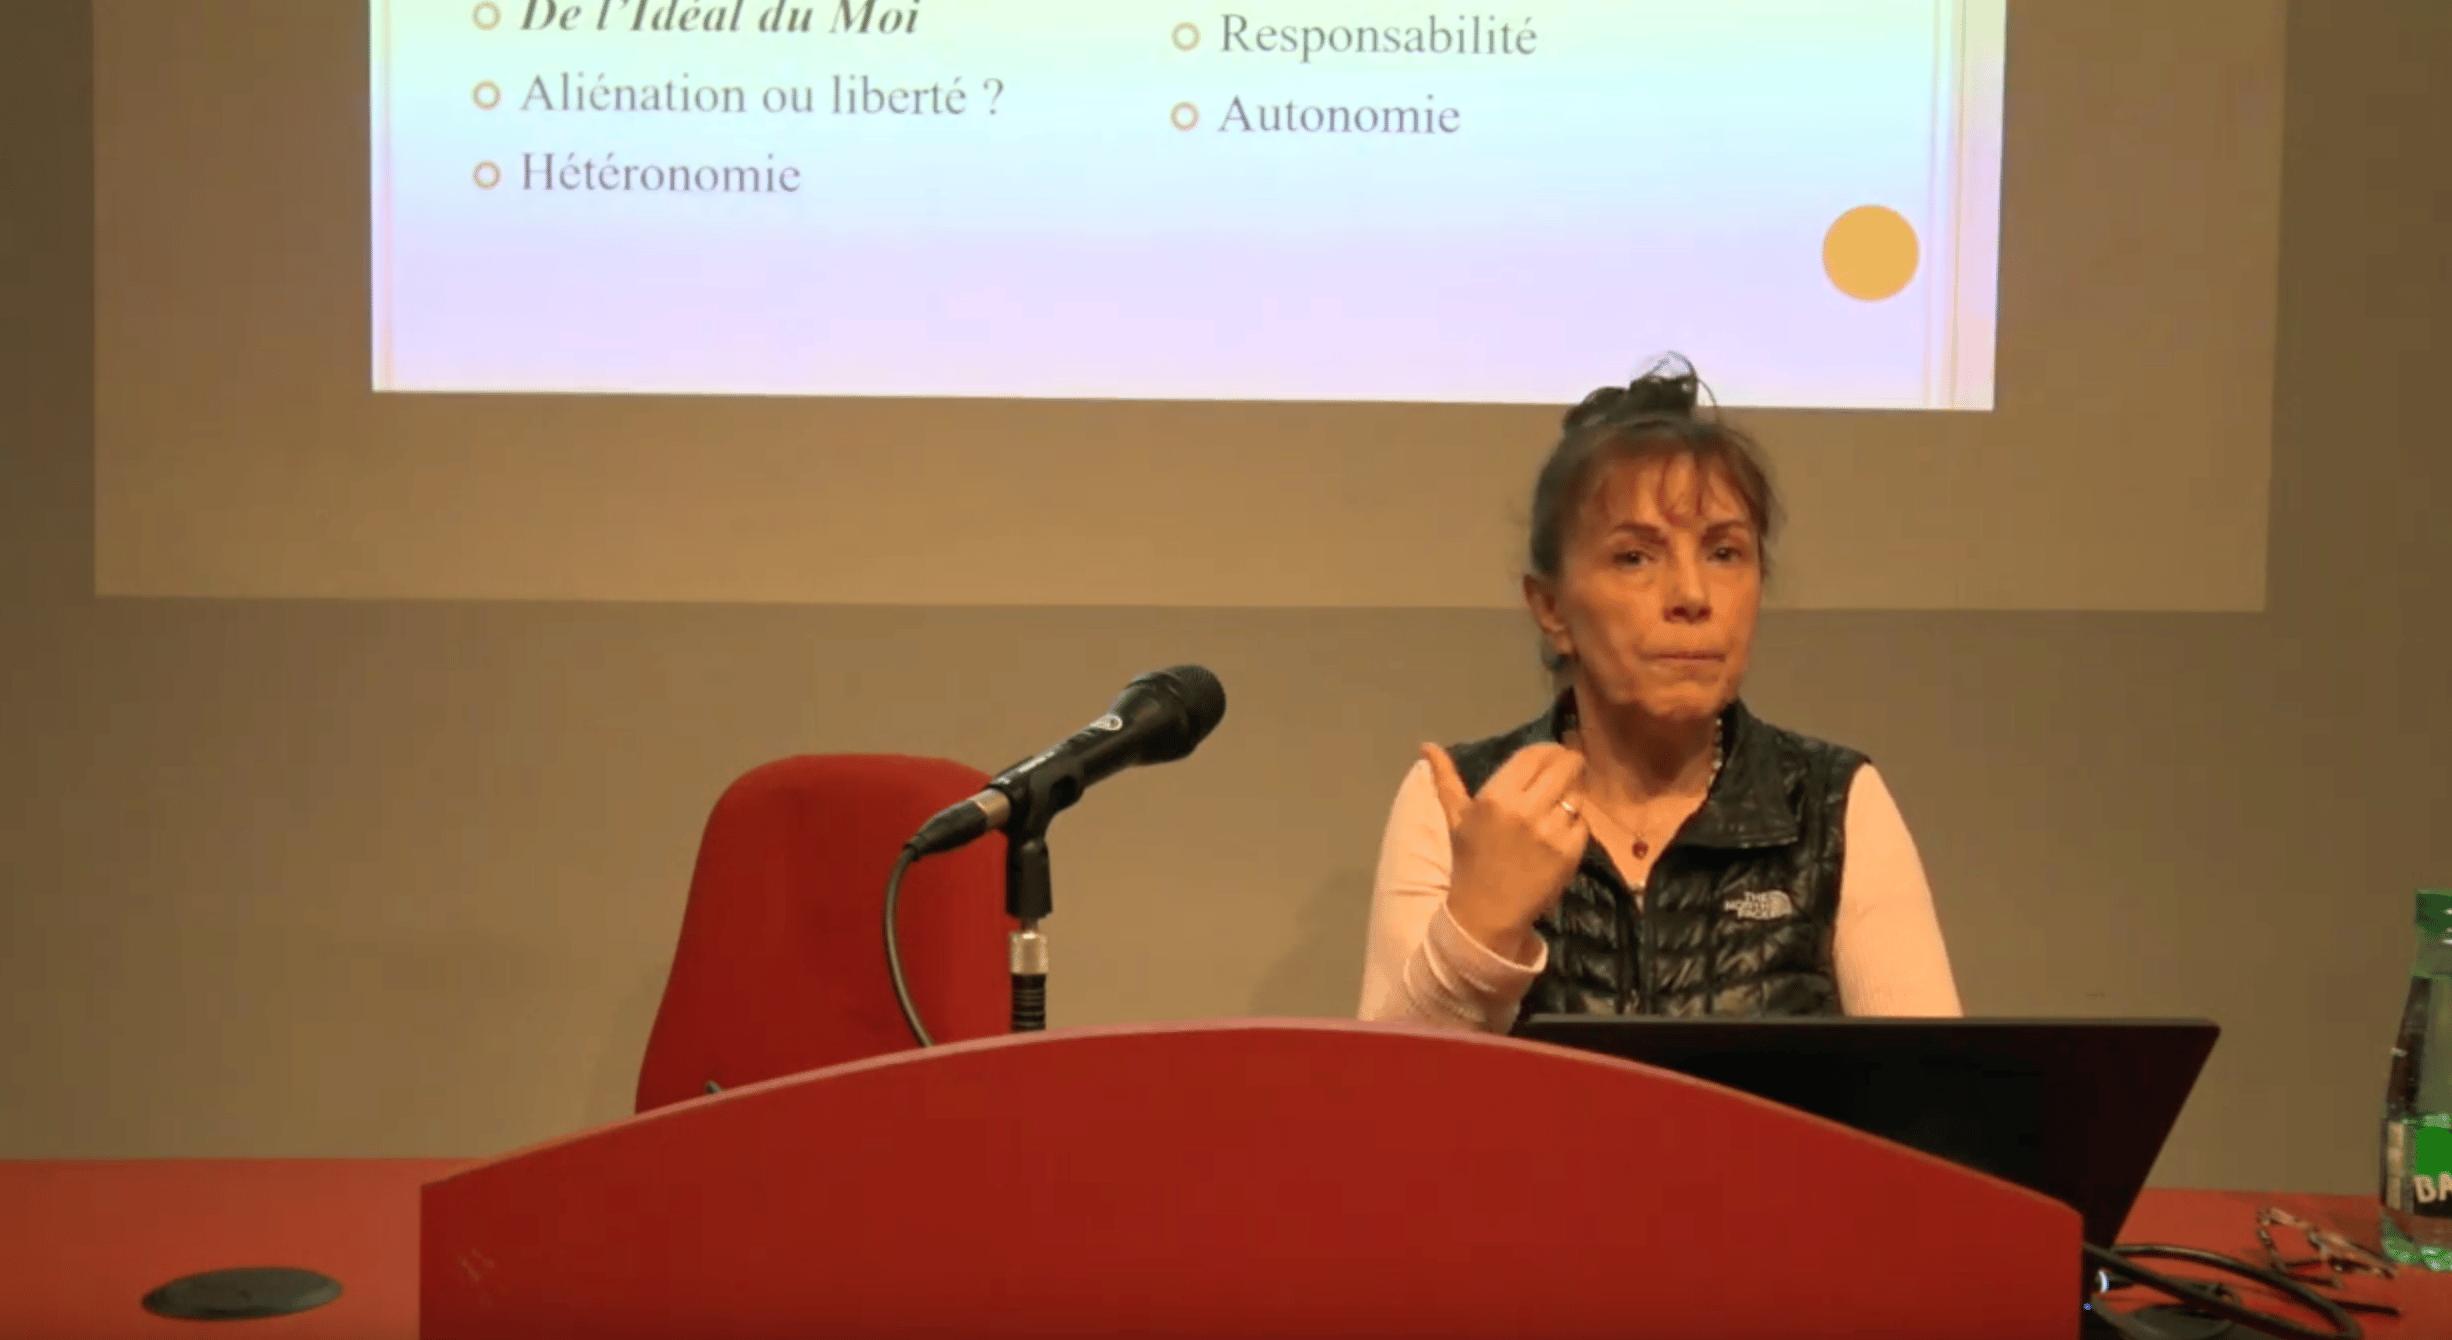 La honte dans le soin – Véronique Avérous